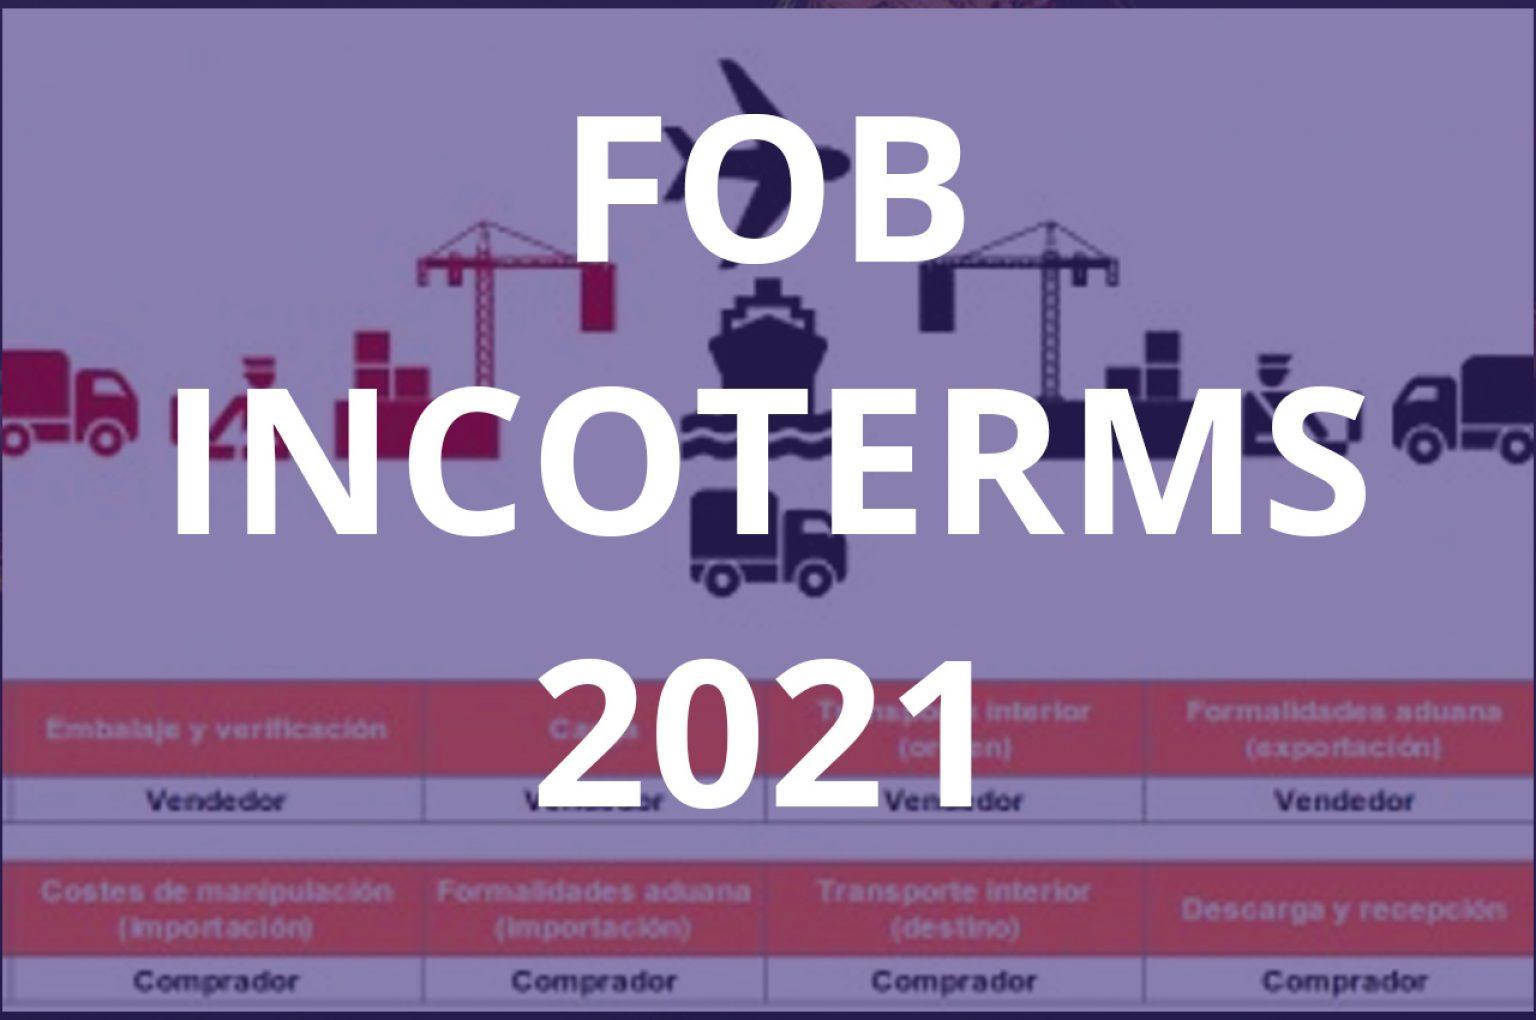 fob-incoterm-2021 - Blog de empresa: logística, Recursos ...